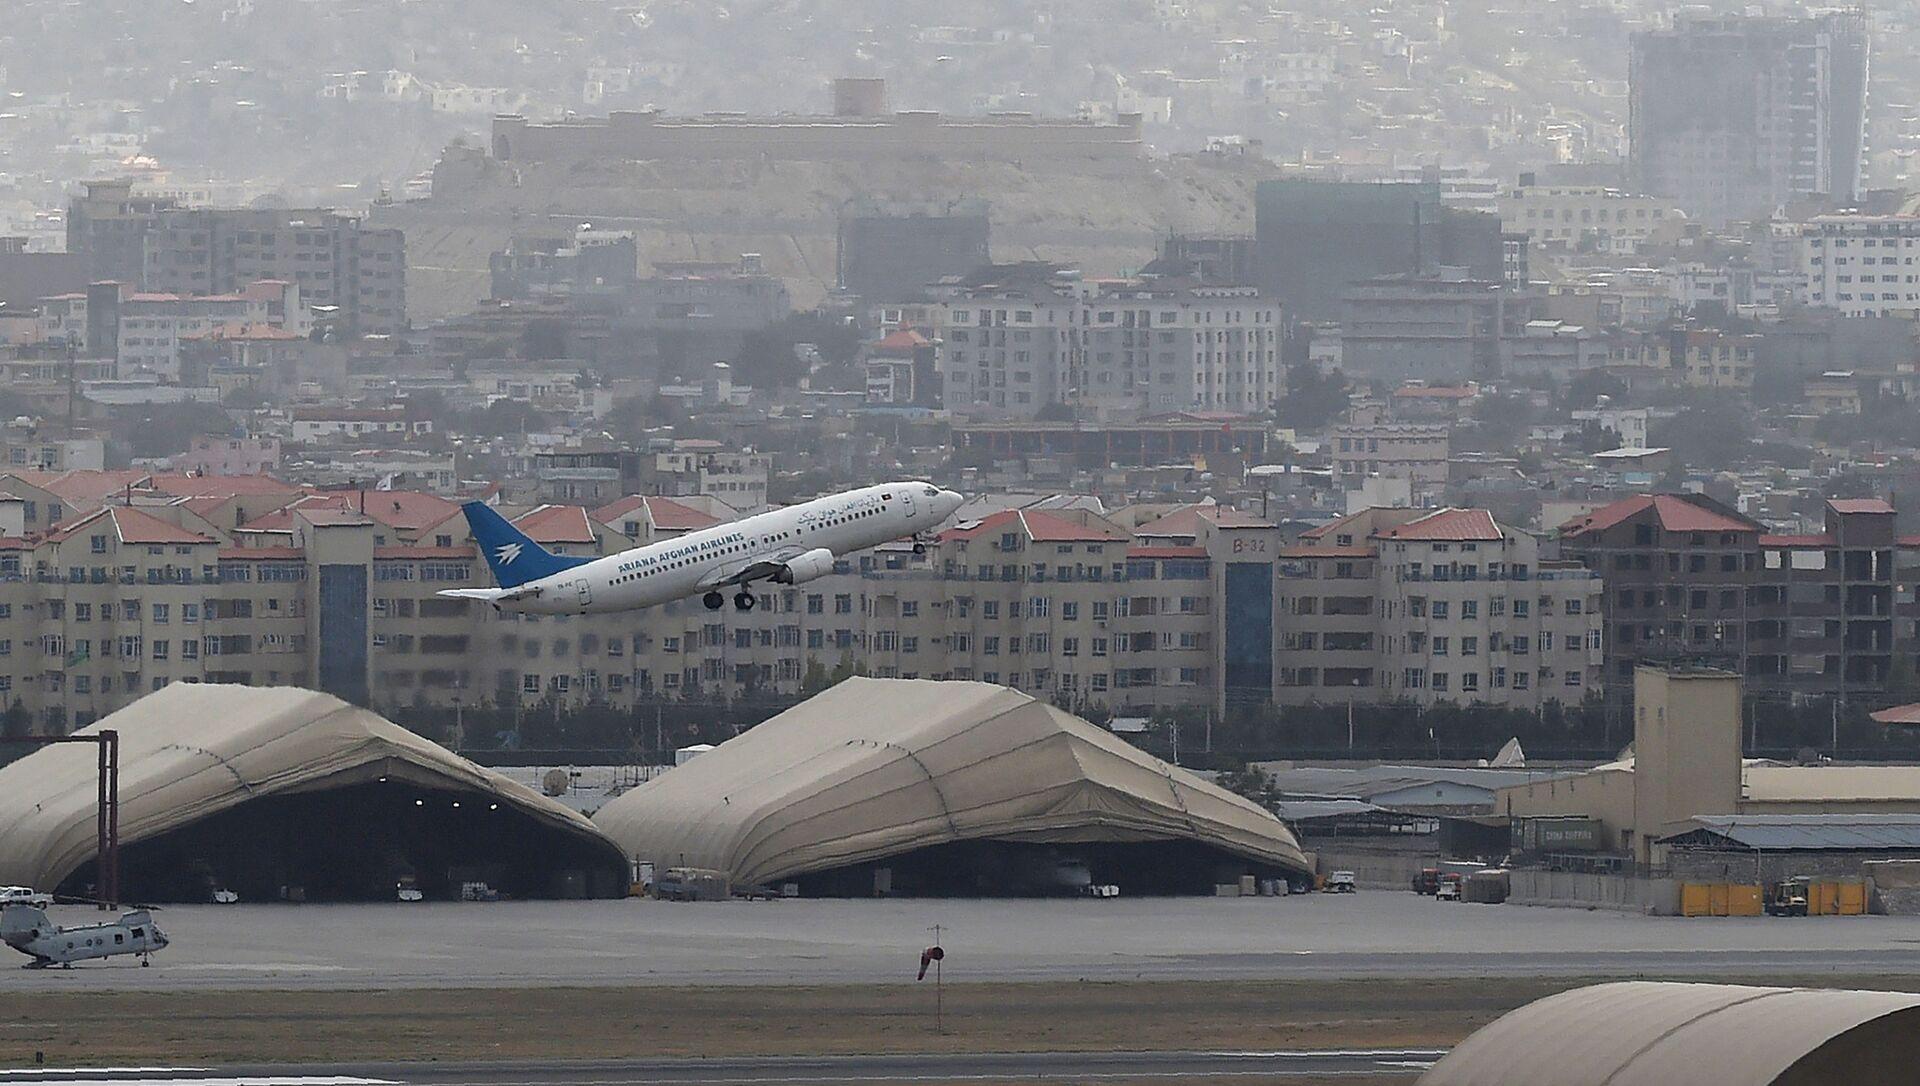 Aéroport de Kaboul, le 14 août 2021 - Sputnik France, 1920, 25.08.2021